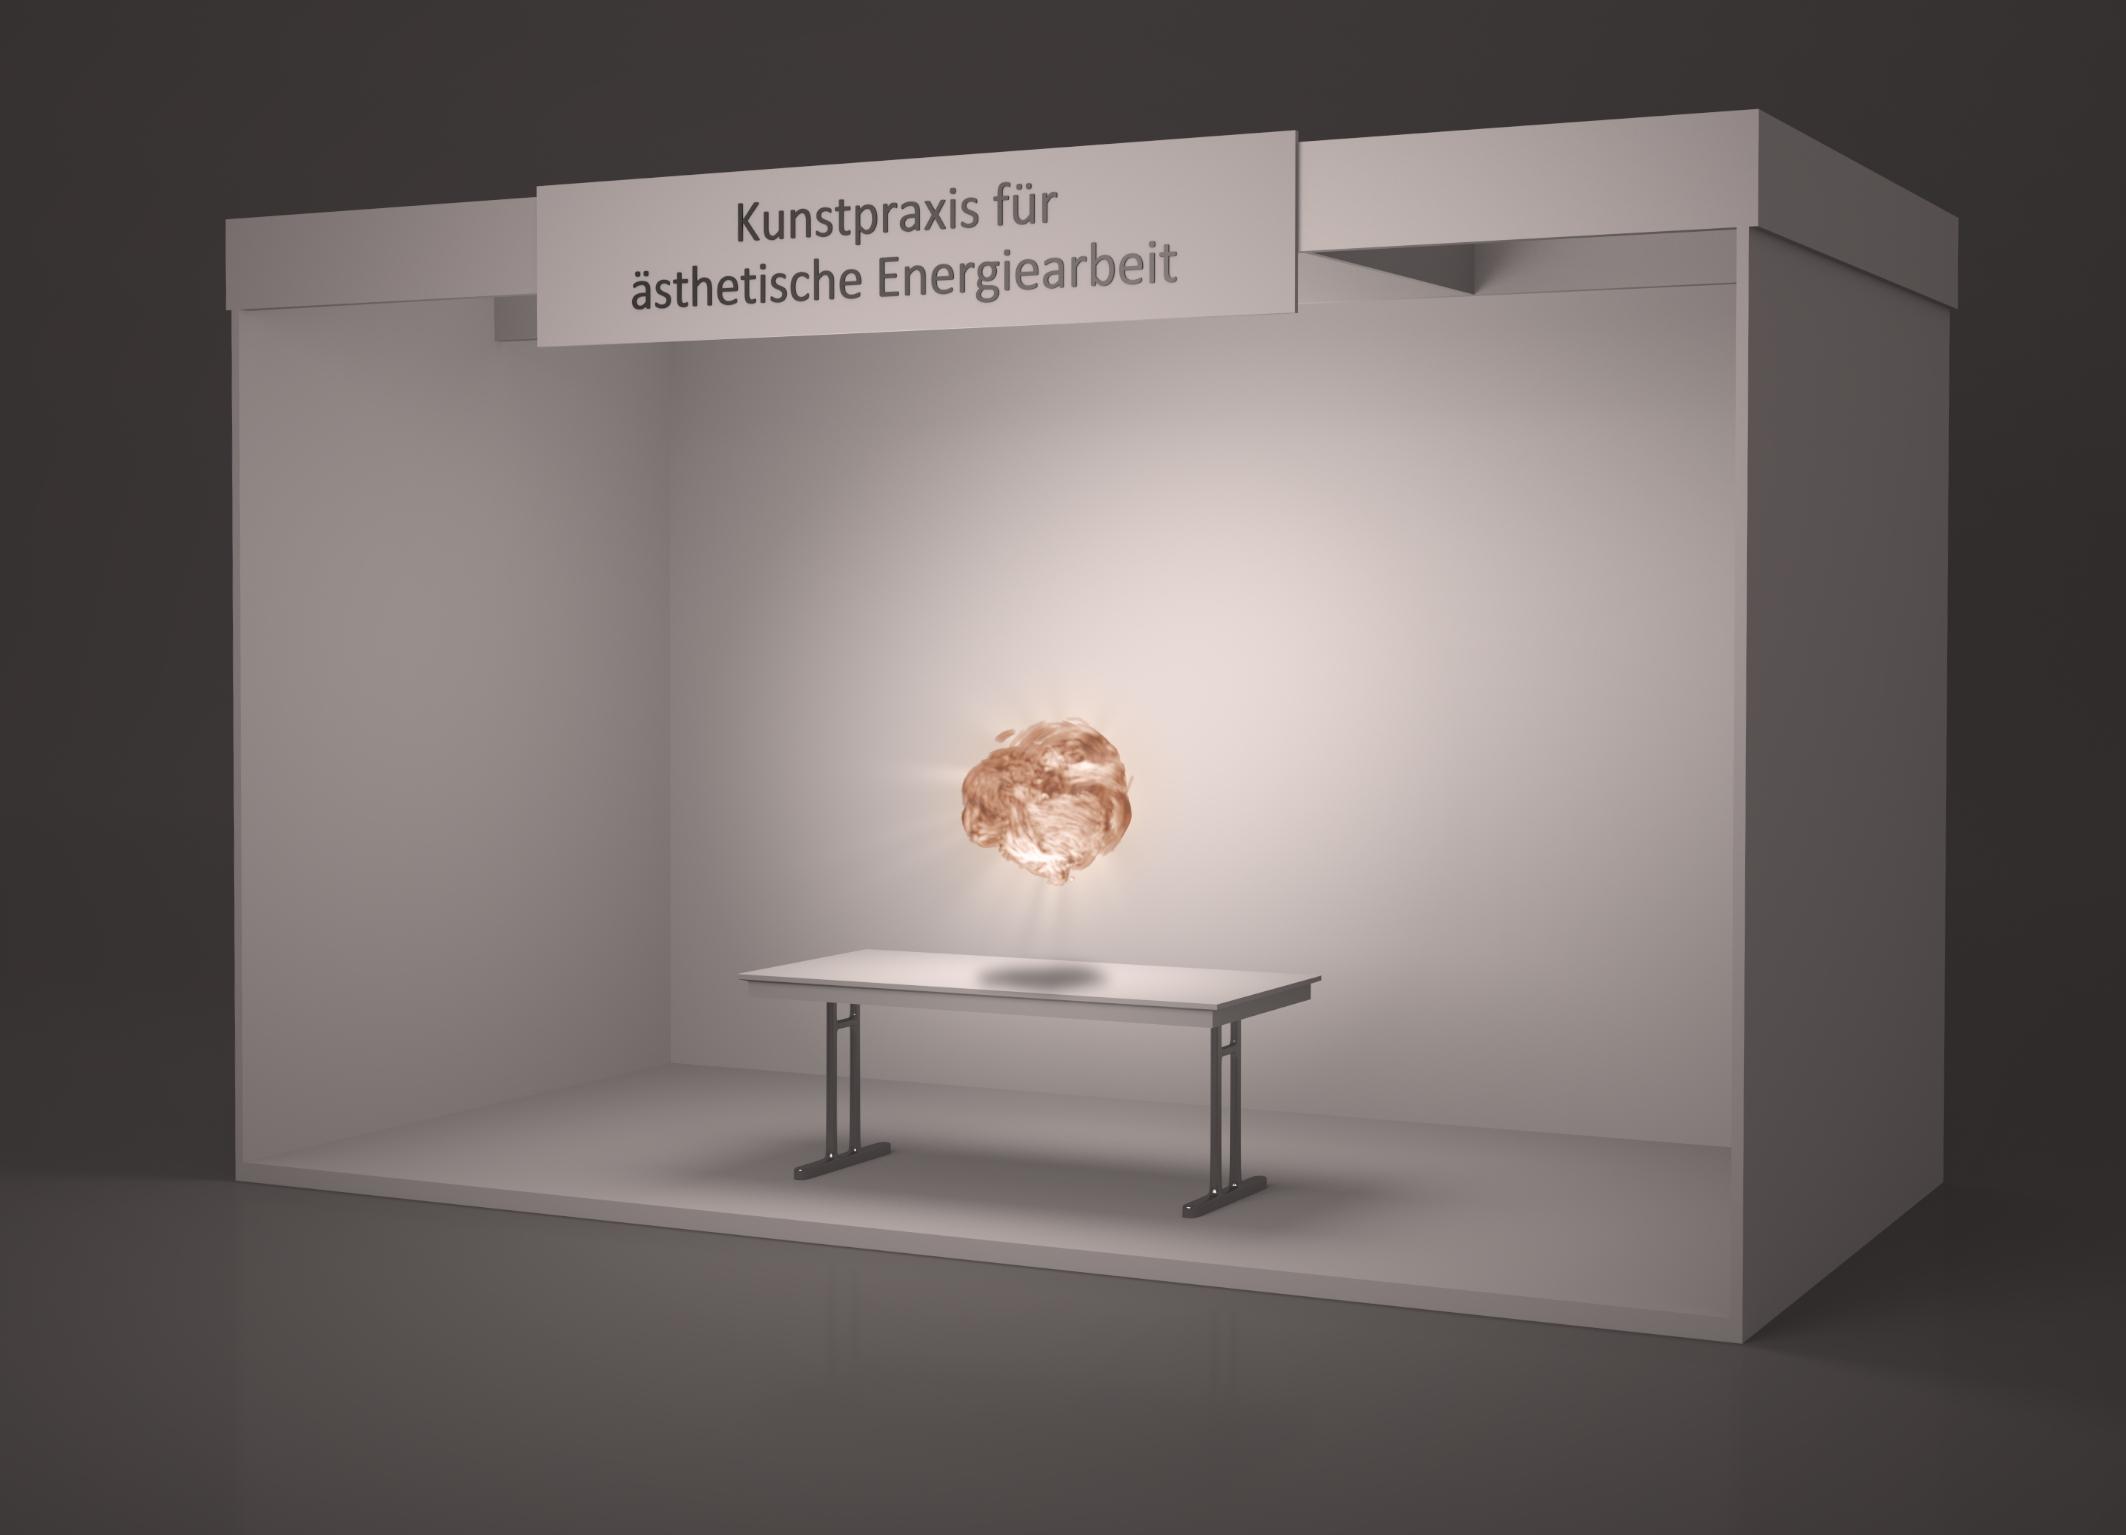 Kunstpraxis für ästhetische Energiearbeit